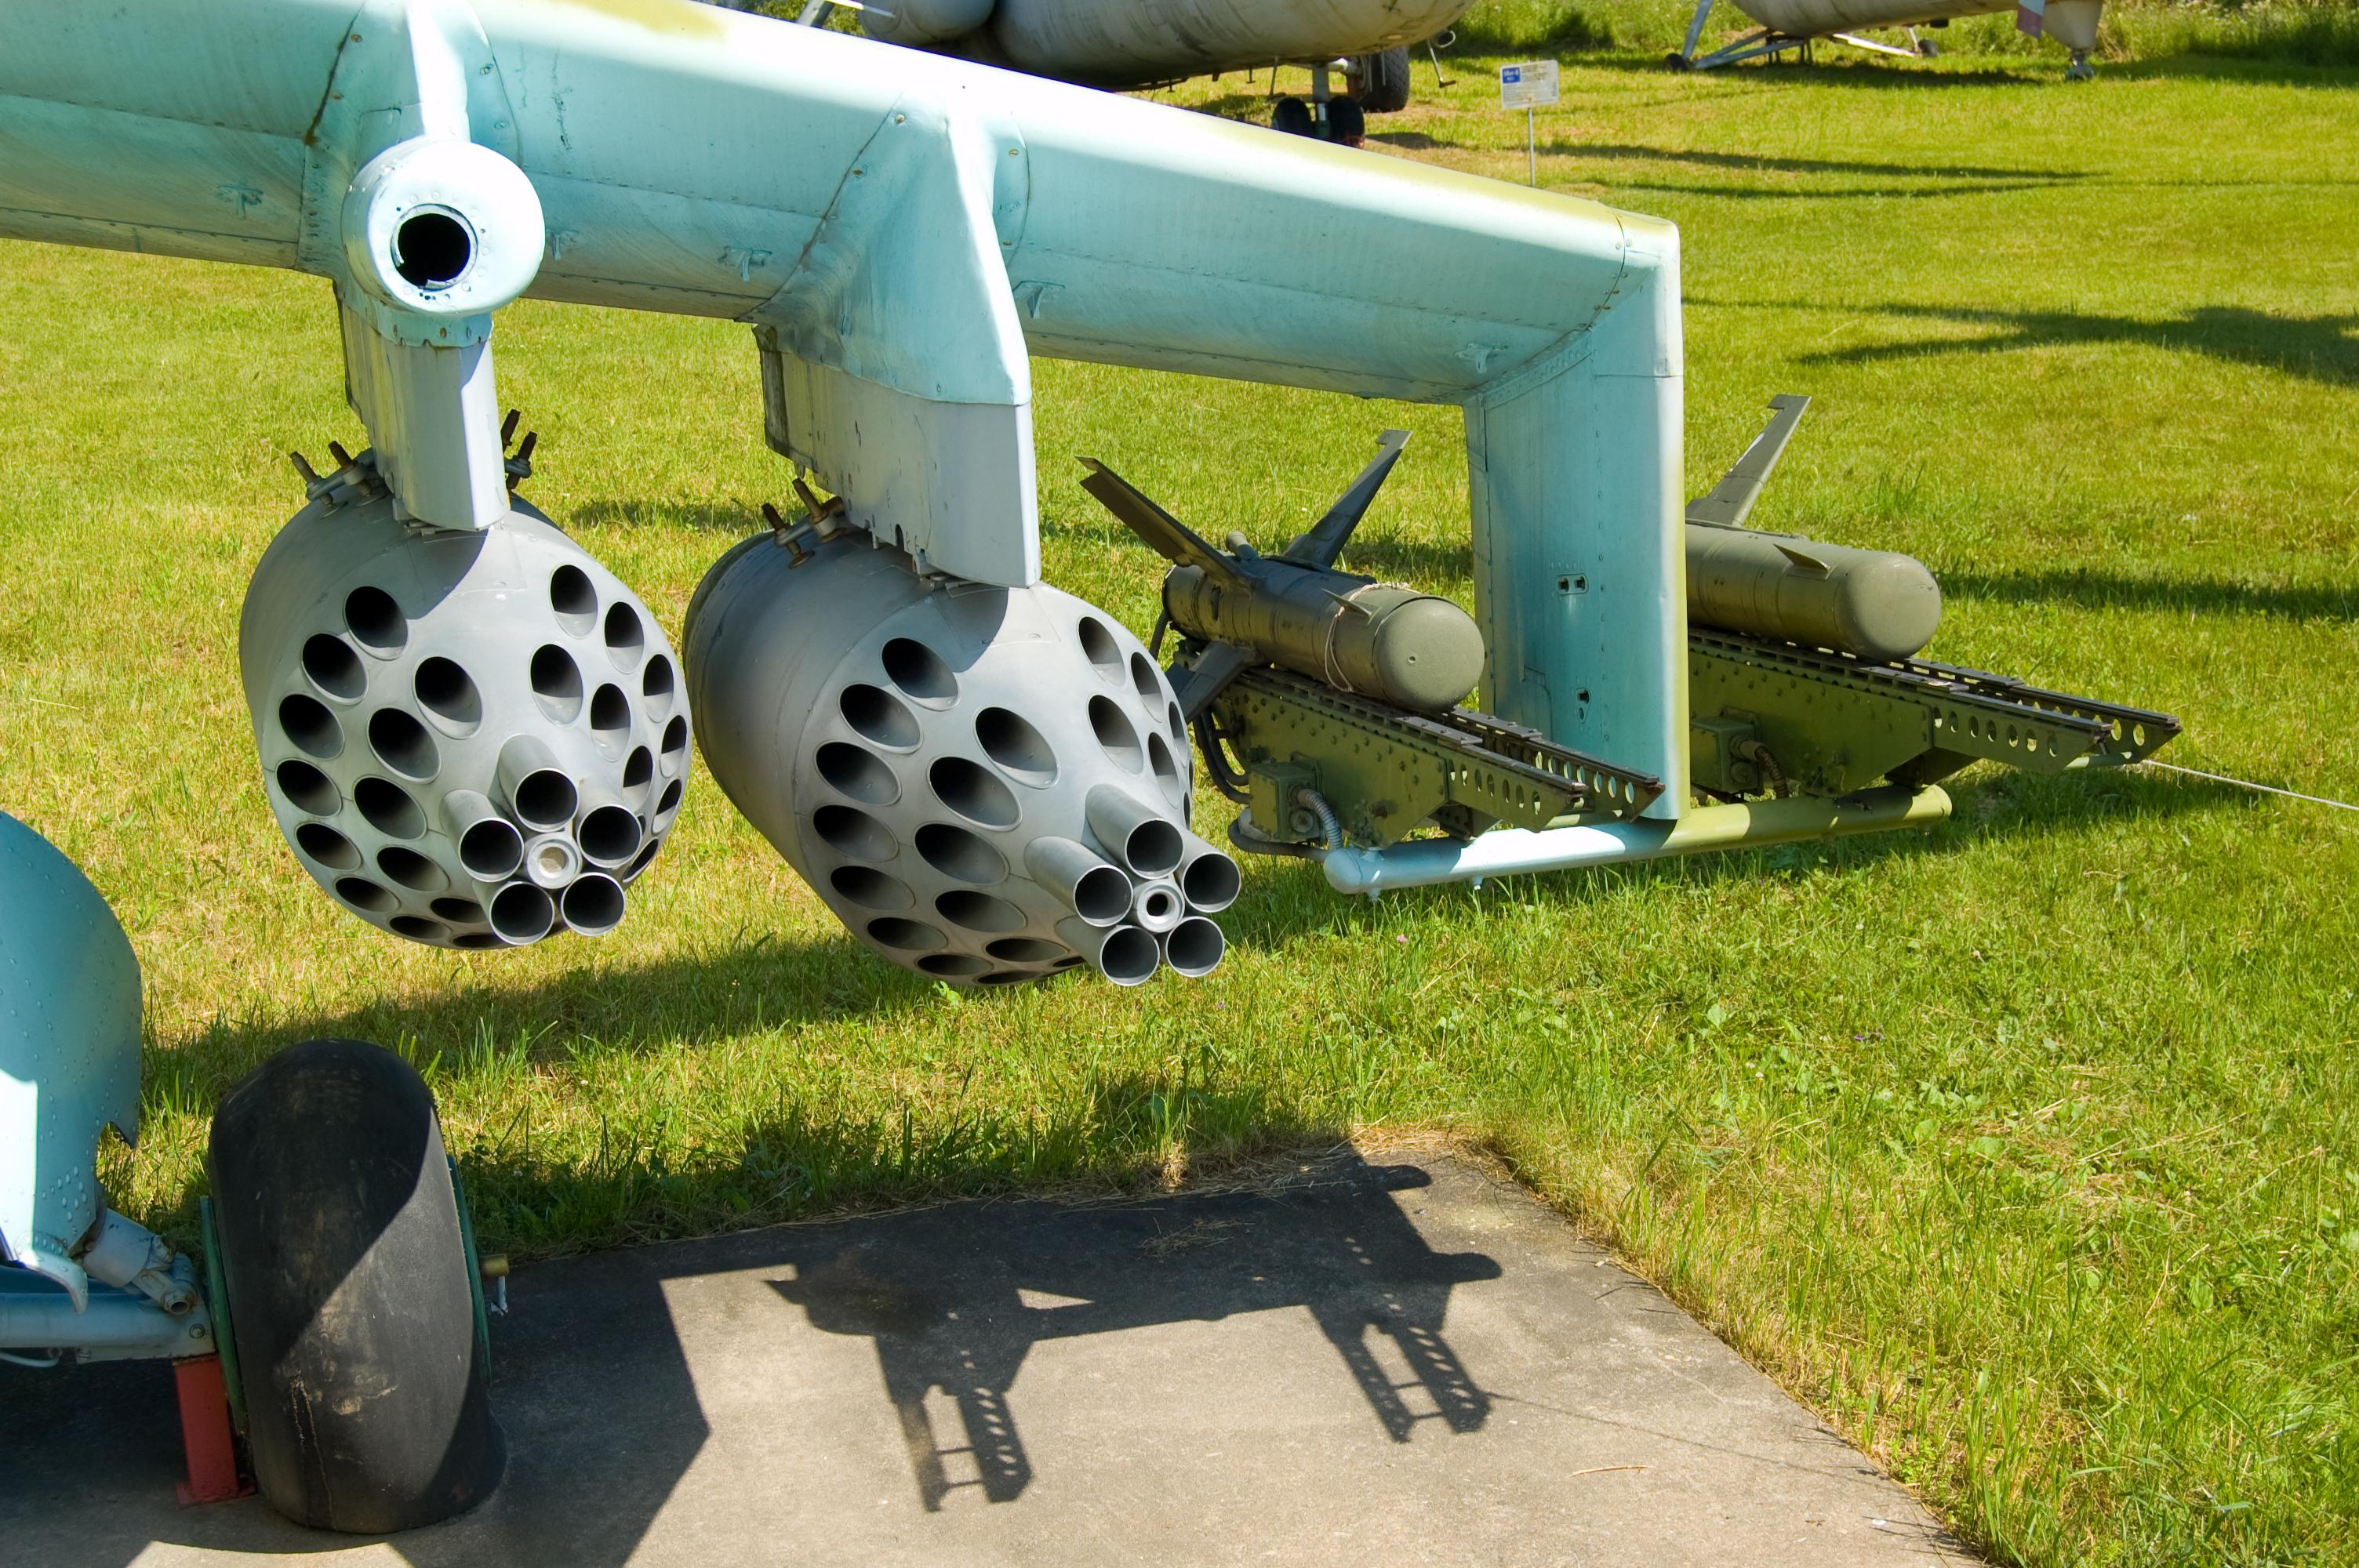 кыймет каждый авиационные пушки картинки необходимости можно использовать